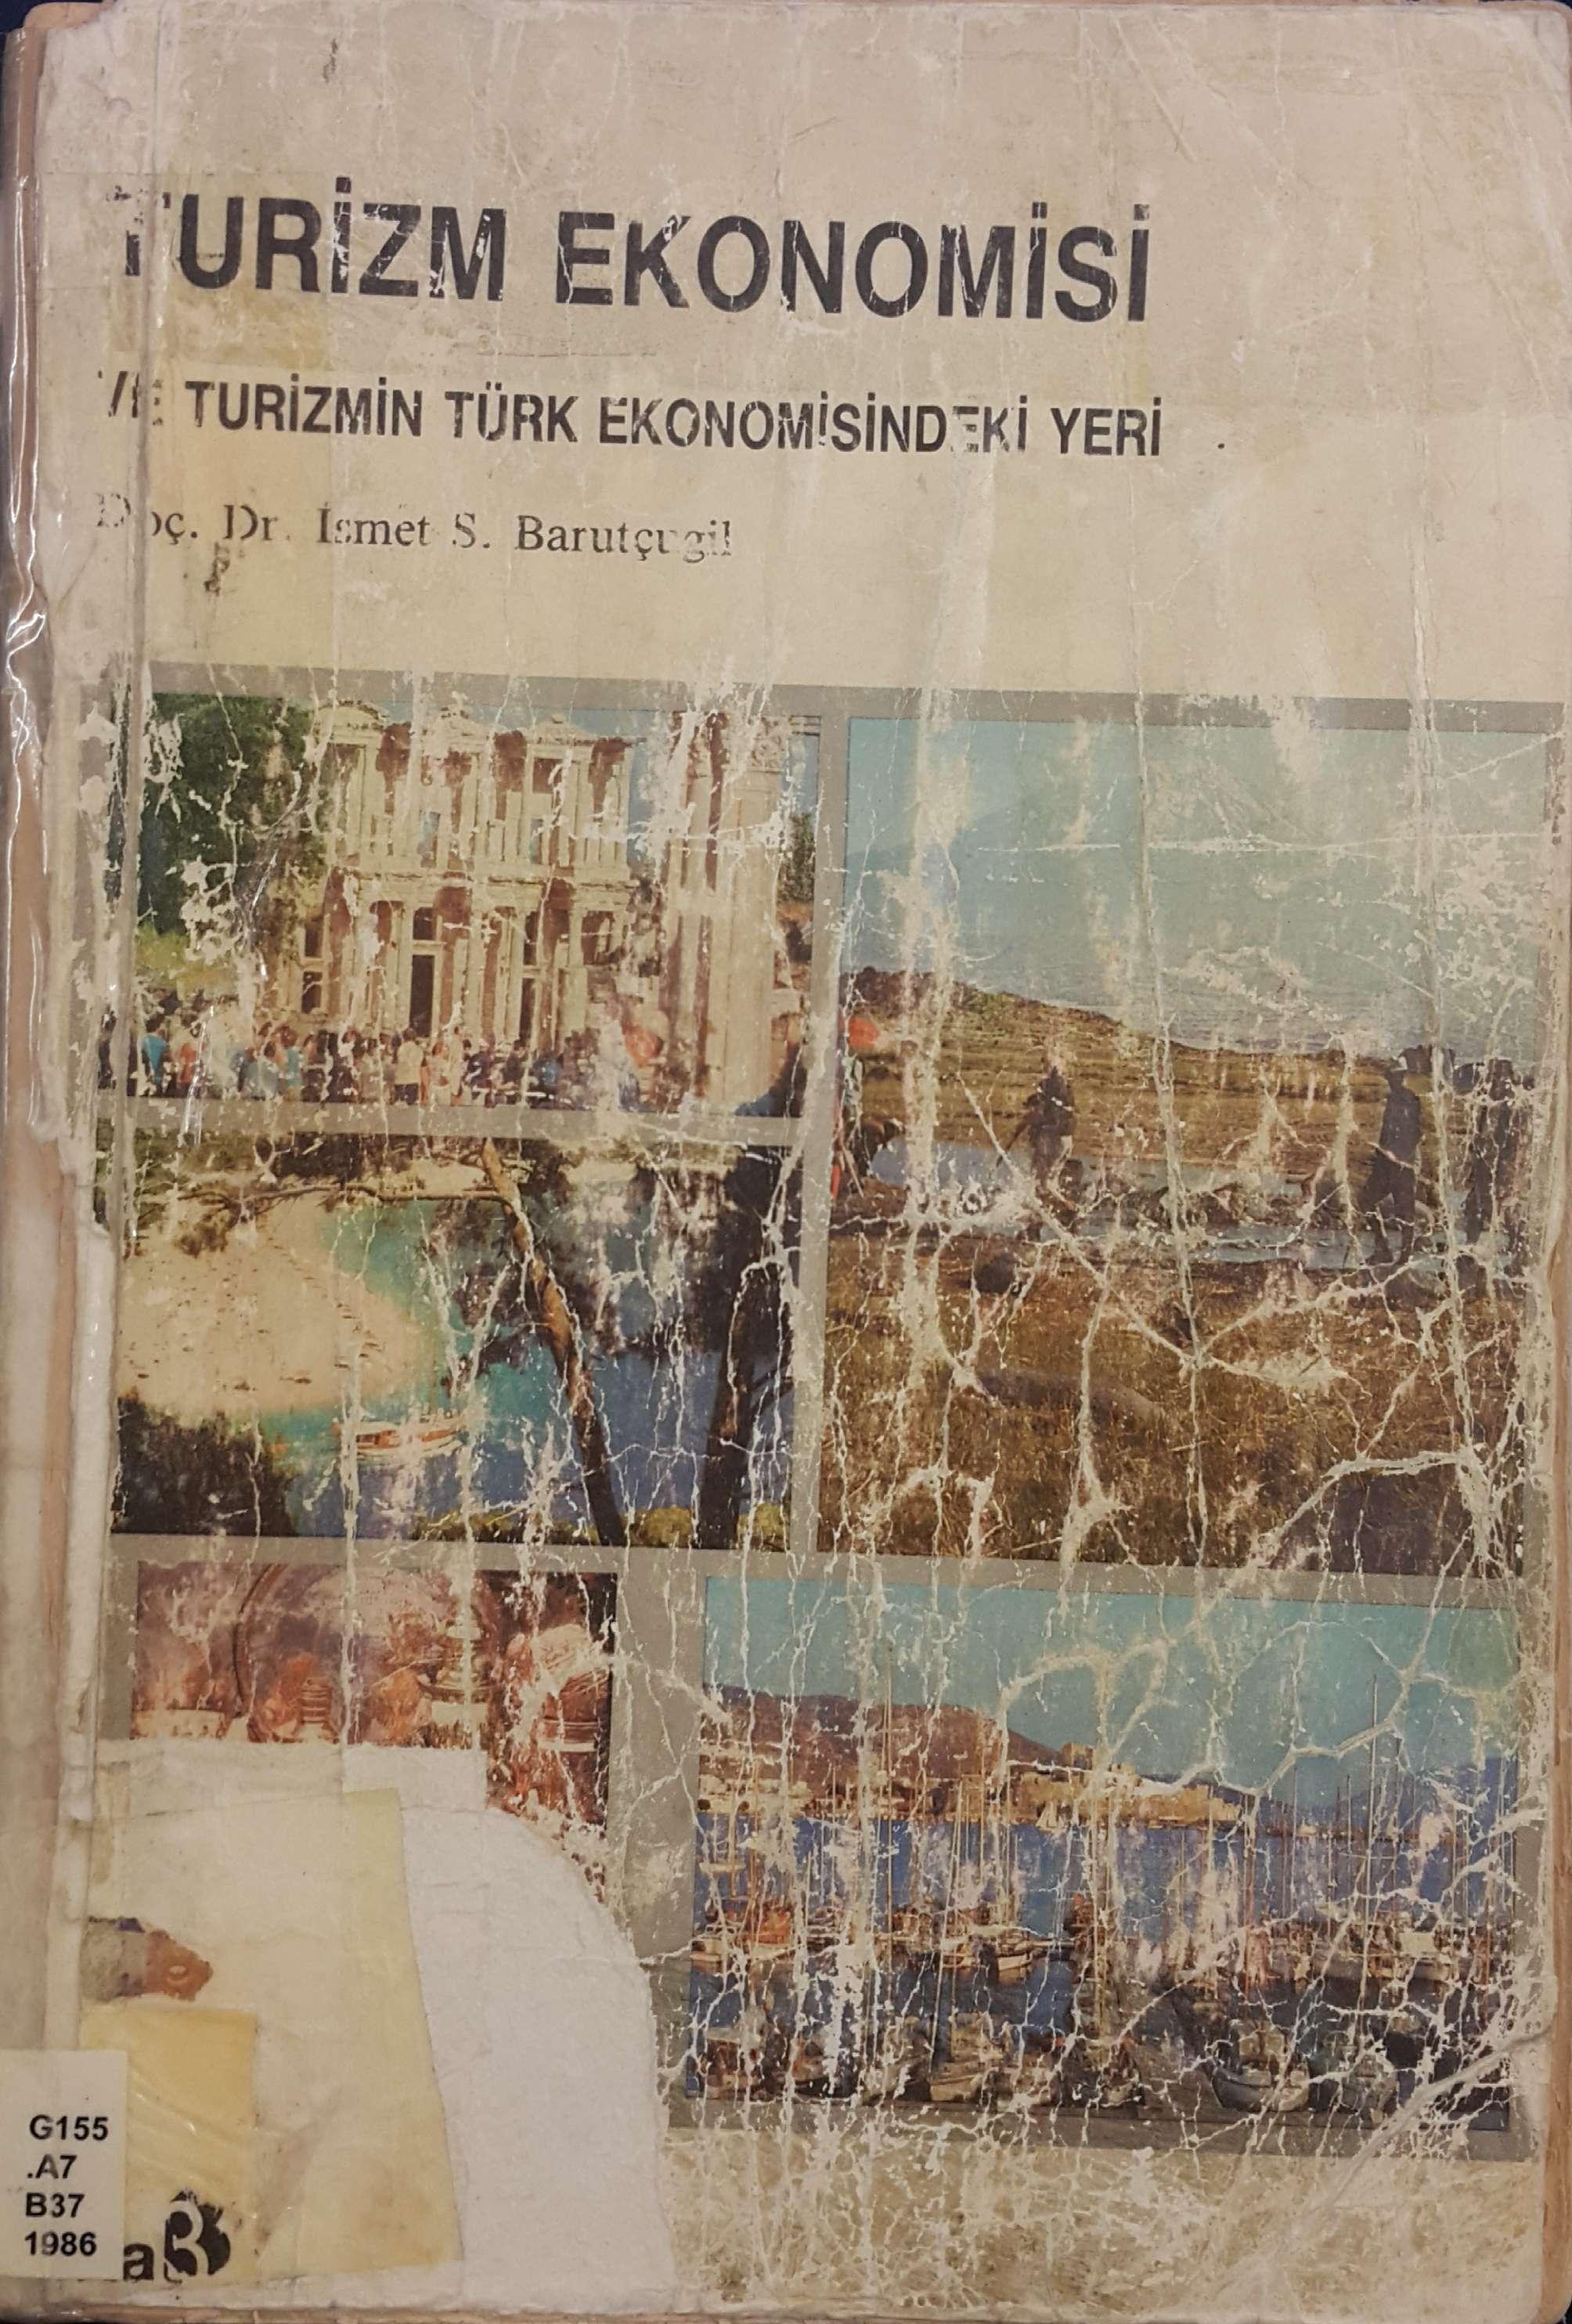 Turizm Ekonomisi ve Turizmin Türk Ekonomisindeki Yeri Kitap Kapağı